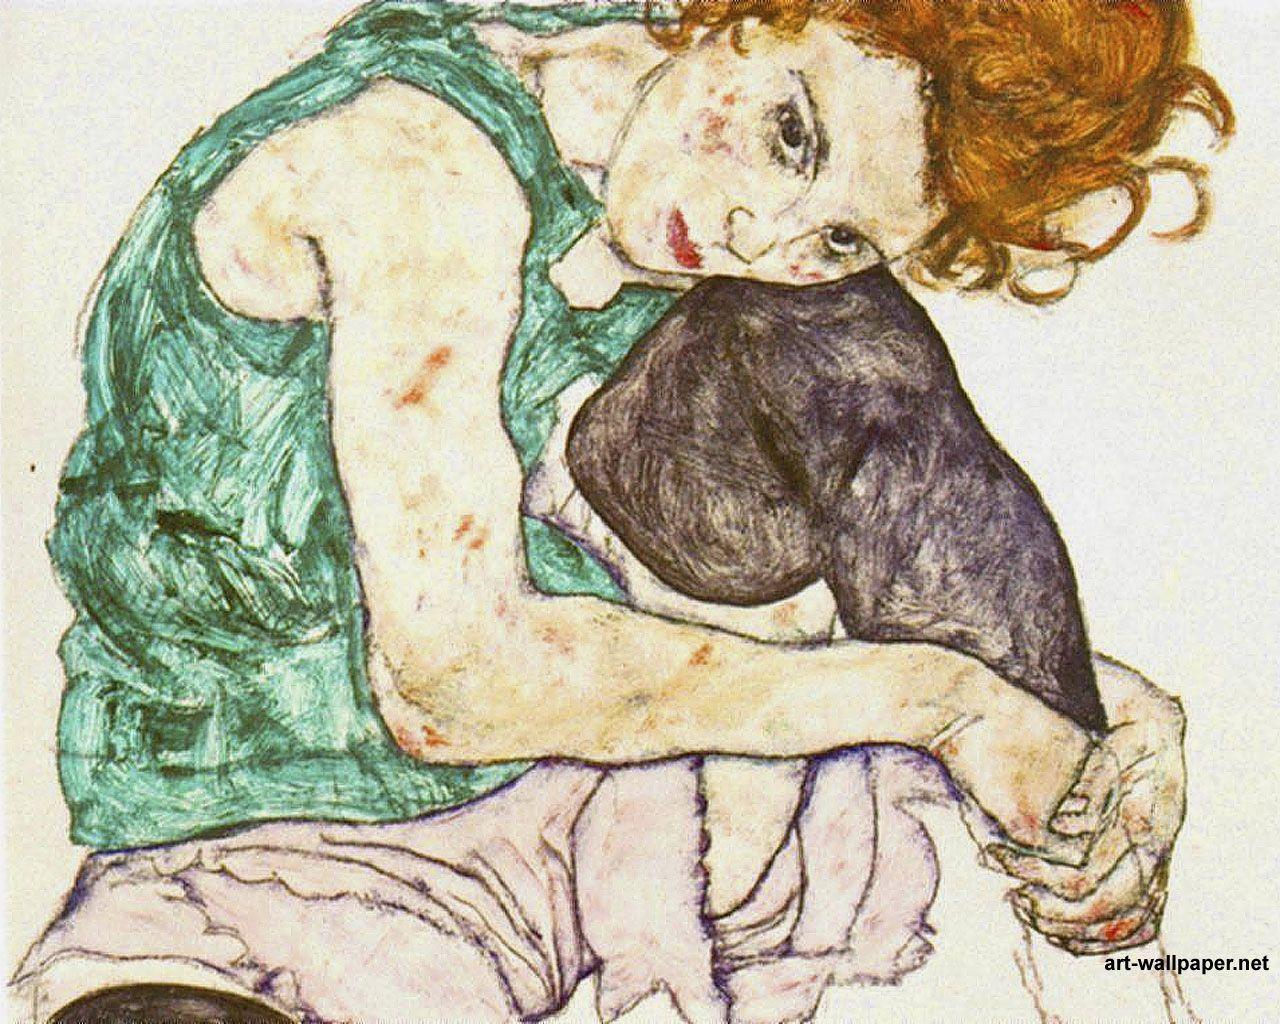 1280x1024 Bức tranh Egon Schiele, Tranh nghệ thuật Hình nền